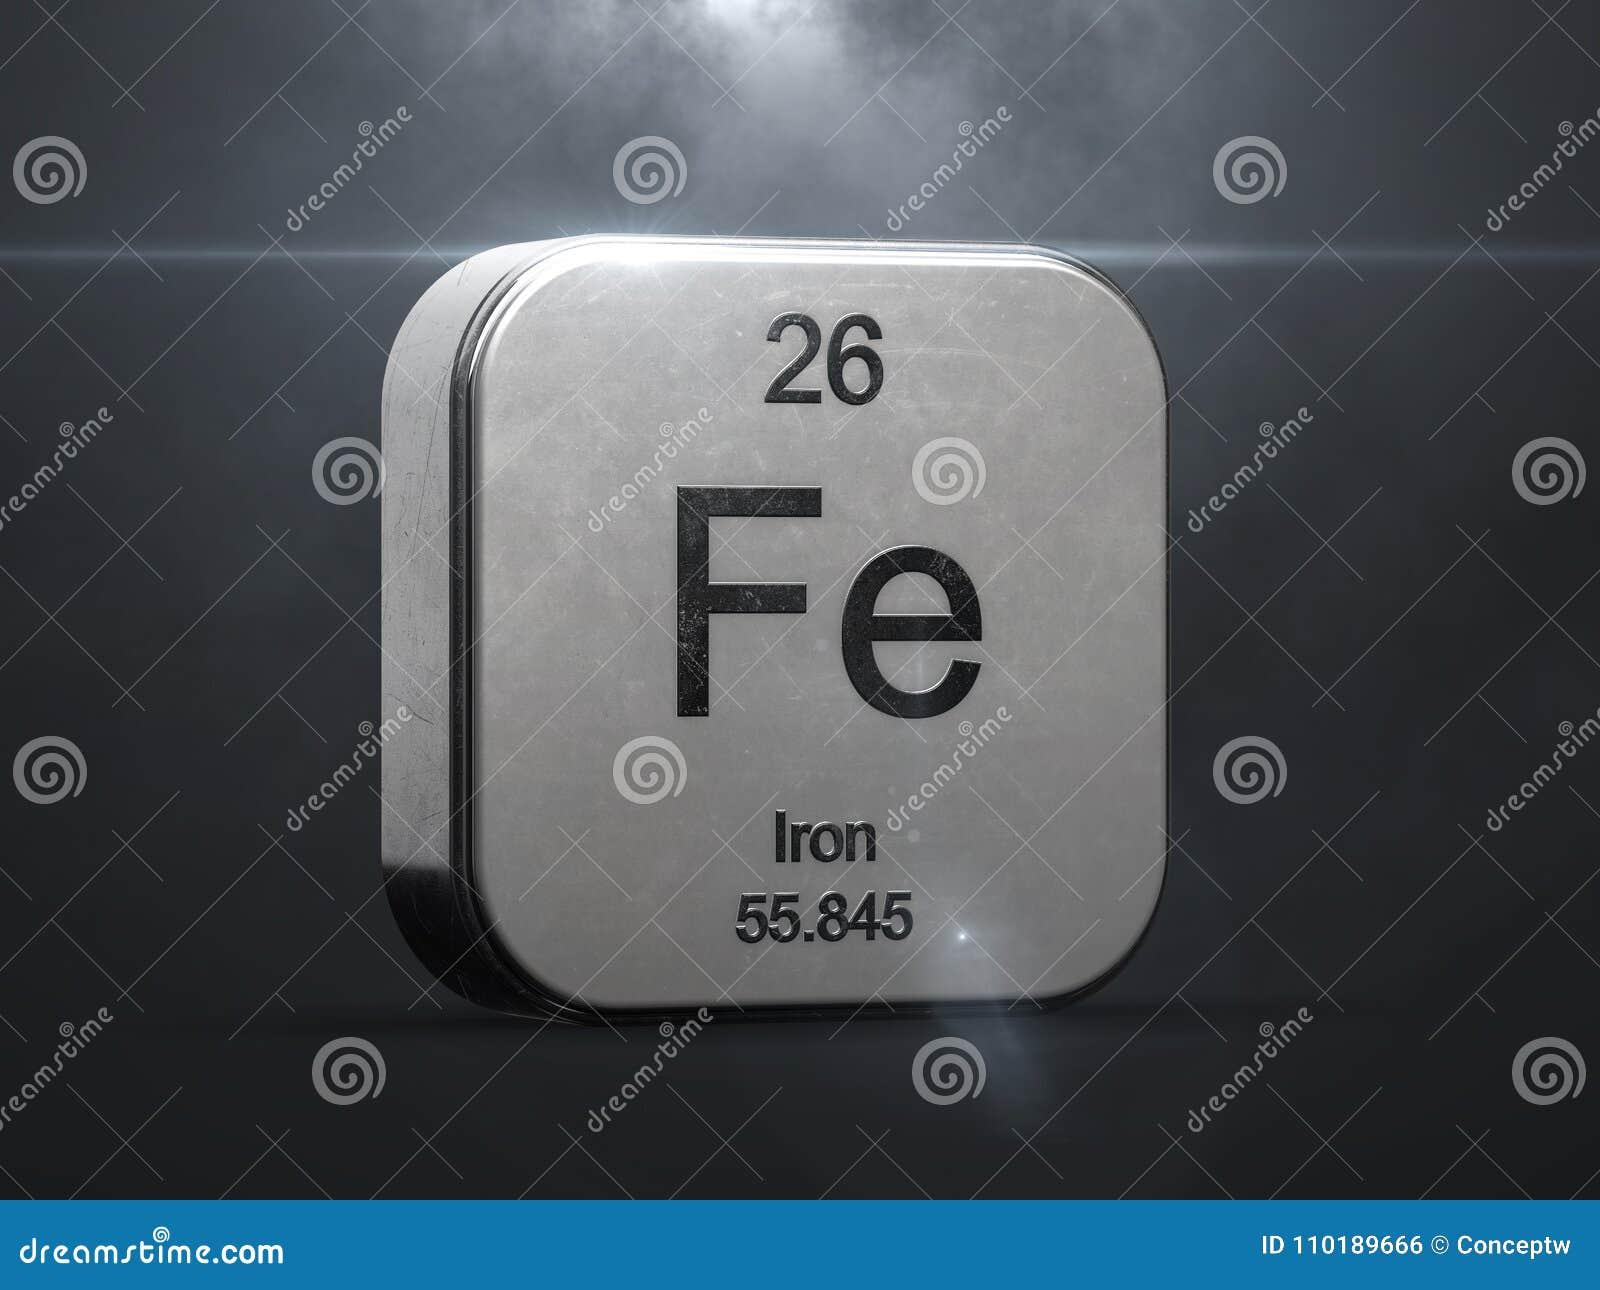 Elemento del hierro de la tabla peridica stock de ilustracin download elemento del hierro de la tabla peridica stock de ilustracin ilustracin de agradable urtaz Choice Image